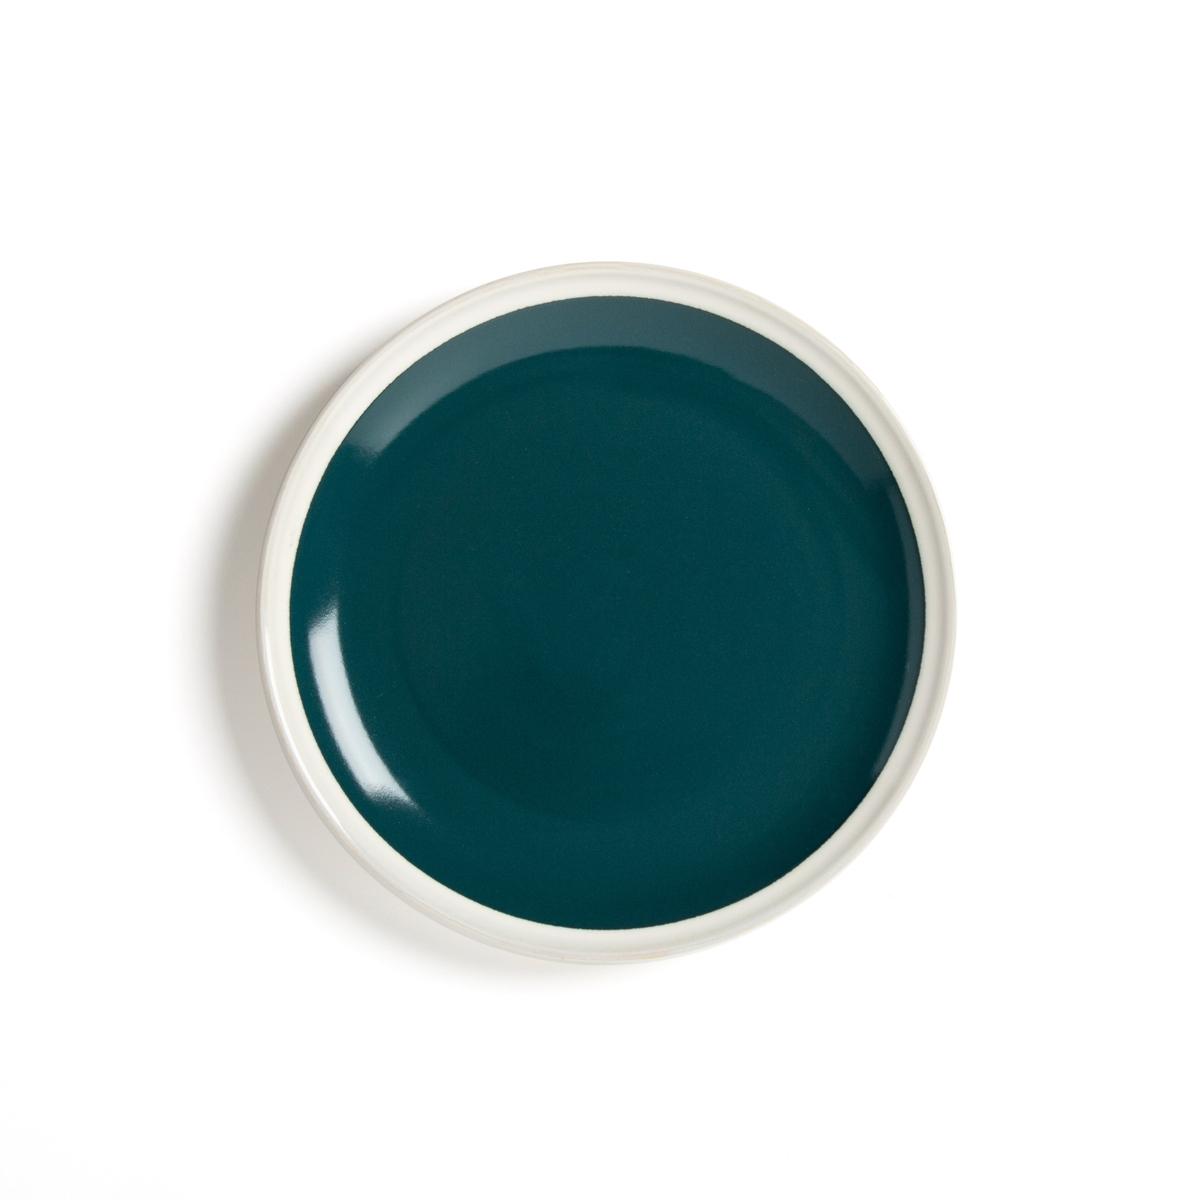 Фото - Комплект из 4 десертных тарелок LaRedoute Из керамики DEONIE единый размер зеленый 4 десертные laredoute тарелки из глазурованной керамики anika единый размер серый